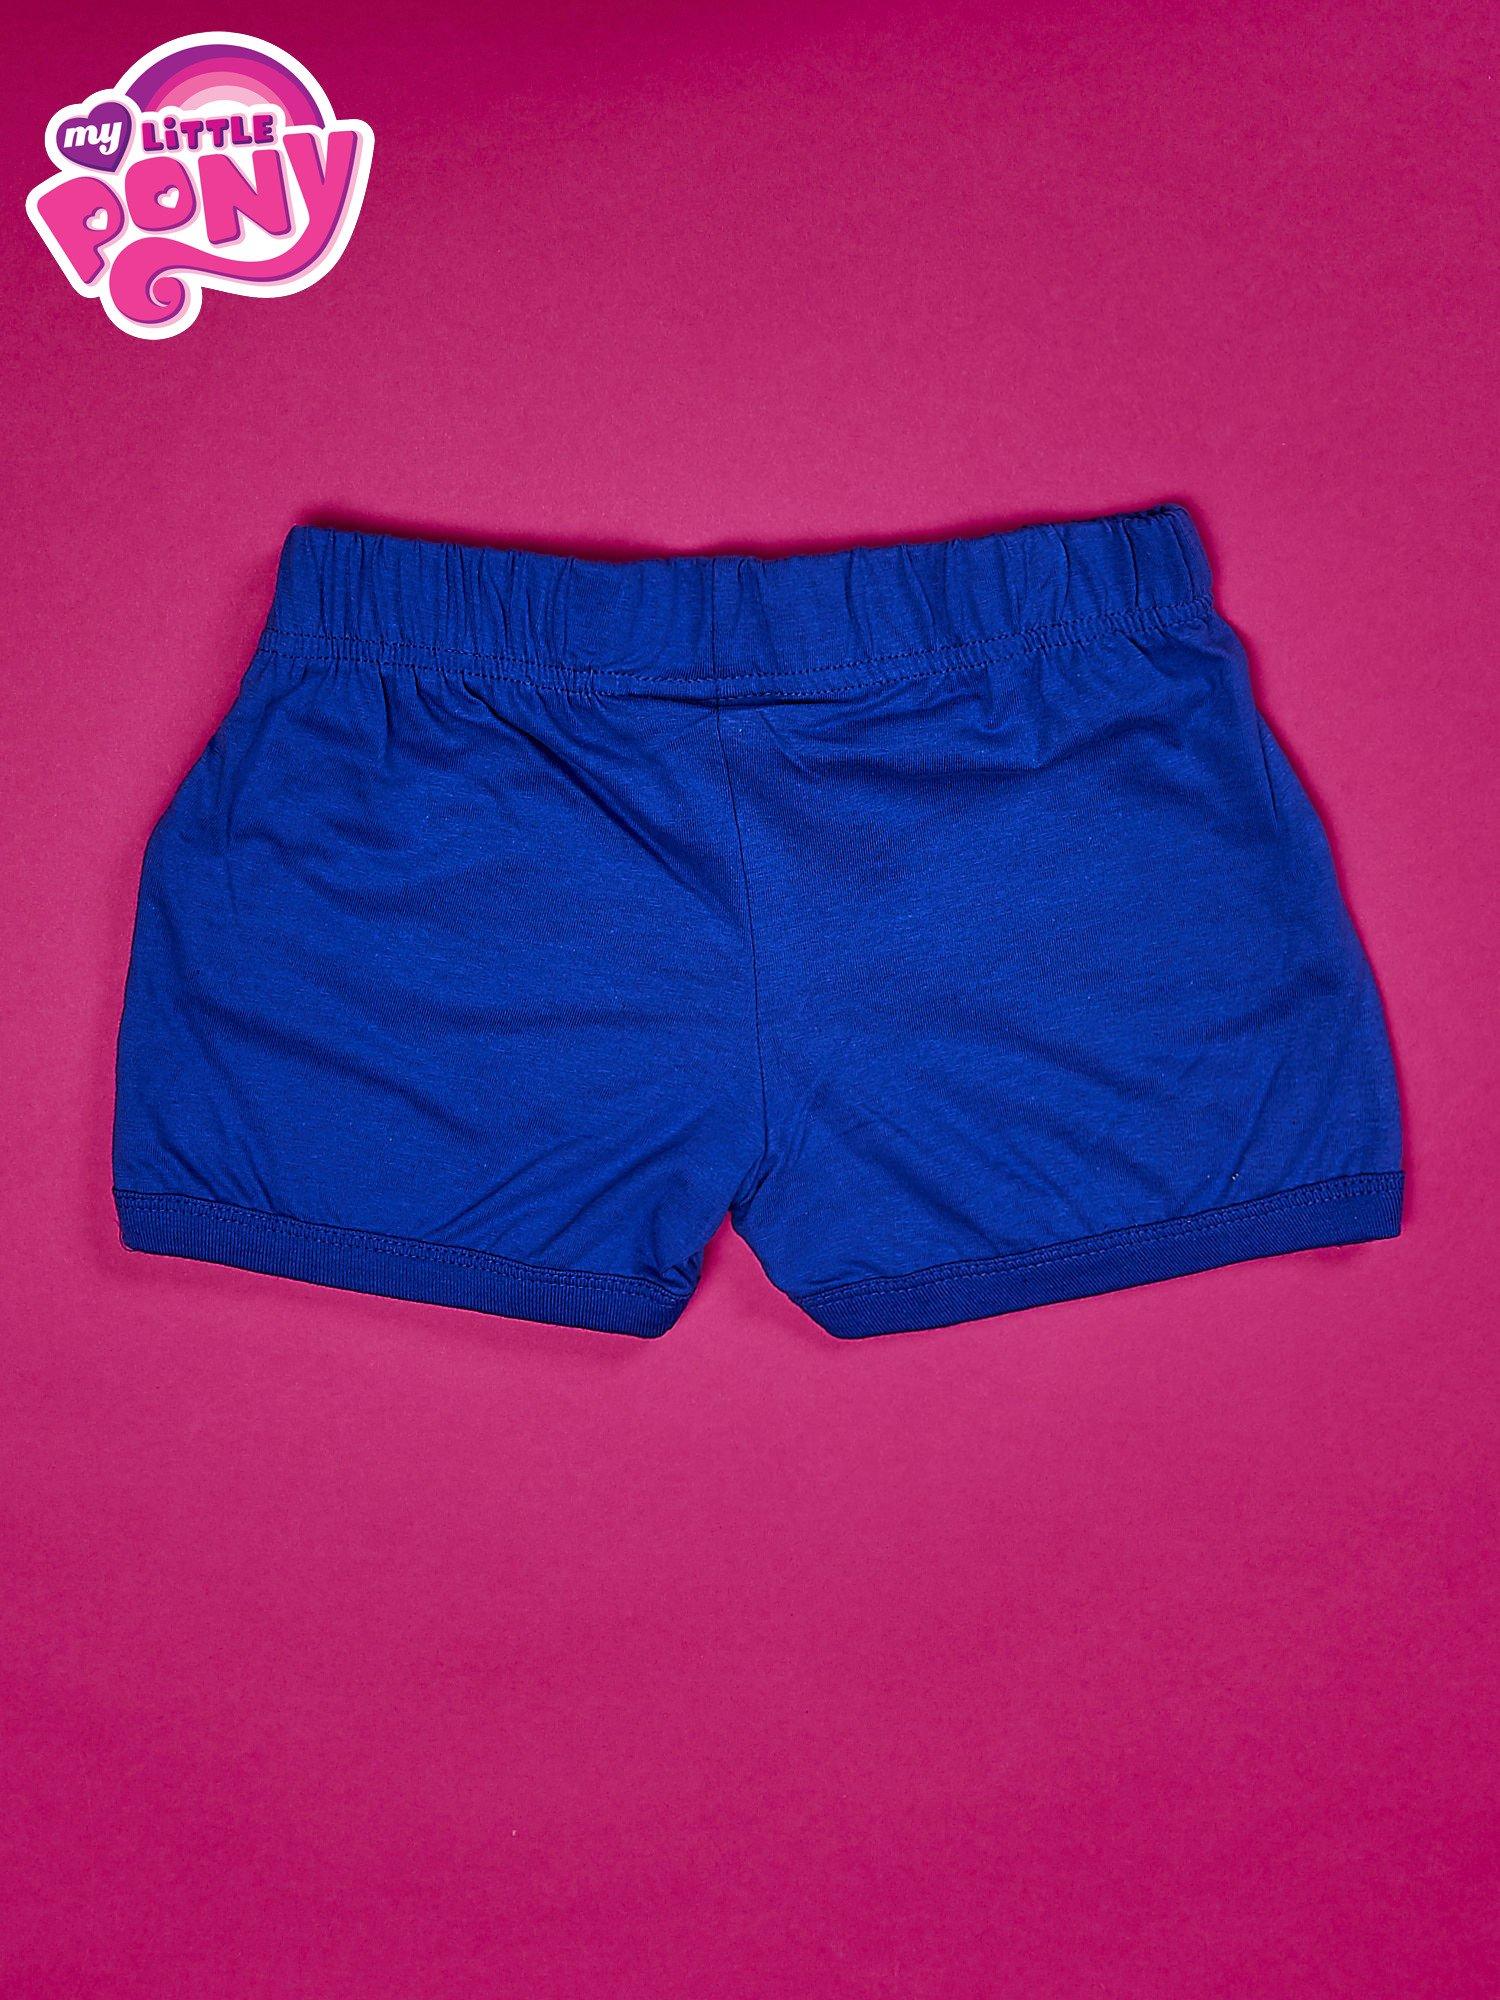 Niebieskie szorty dla dziewczynki MY LITTLE PONY                                  zdj.                                  2